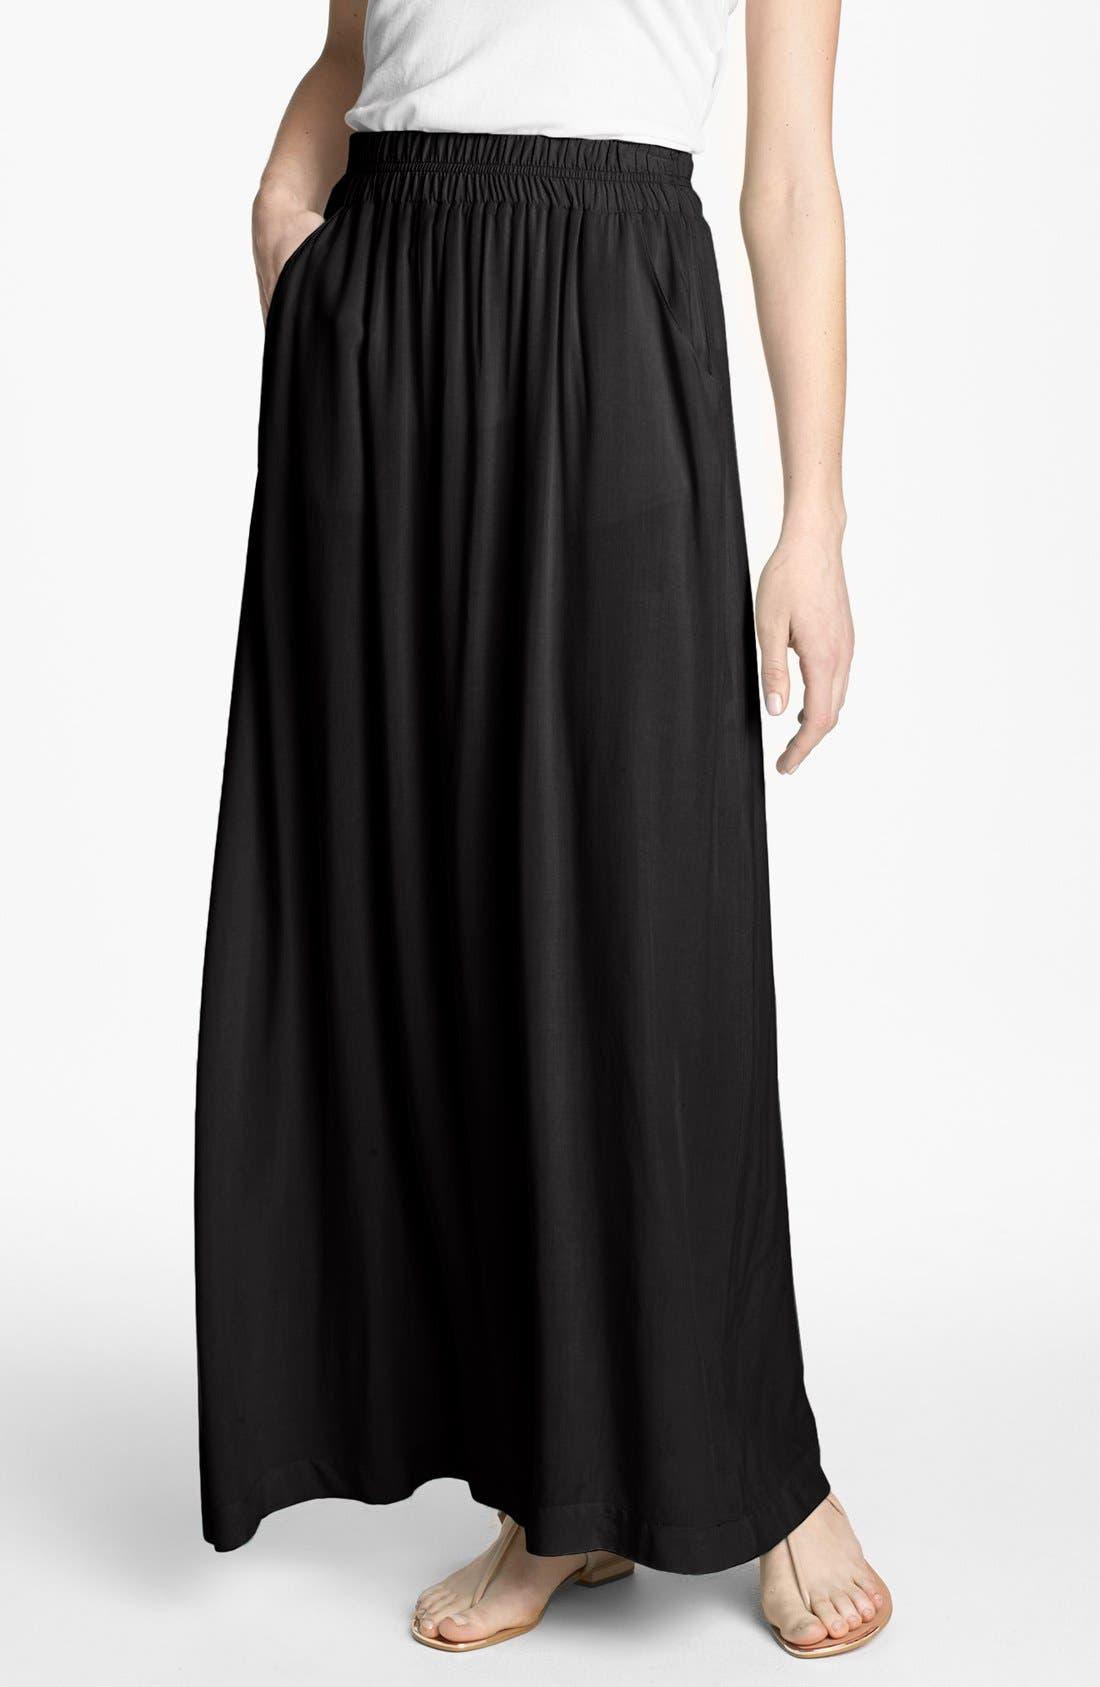 Alternate Image 1 Selected - Splendid Voile Maxi Skirt